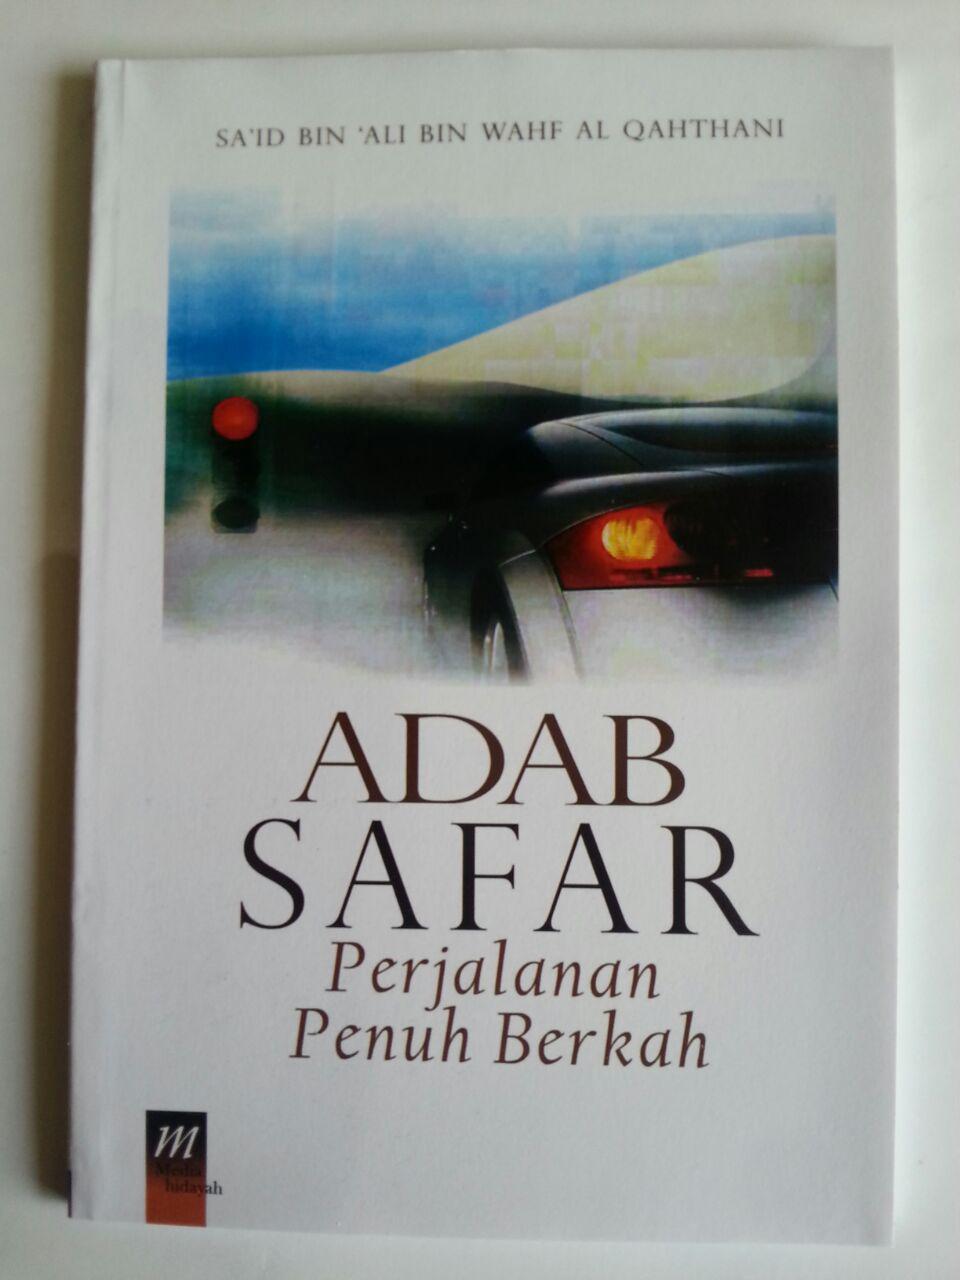 Buku Adab Safar Perjalanan Penuh Berkah cover 2